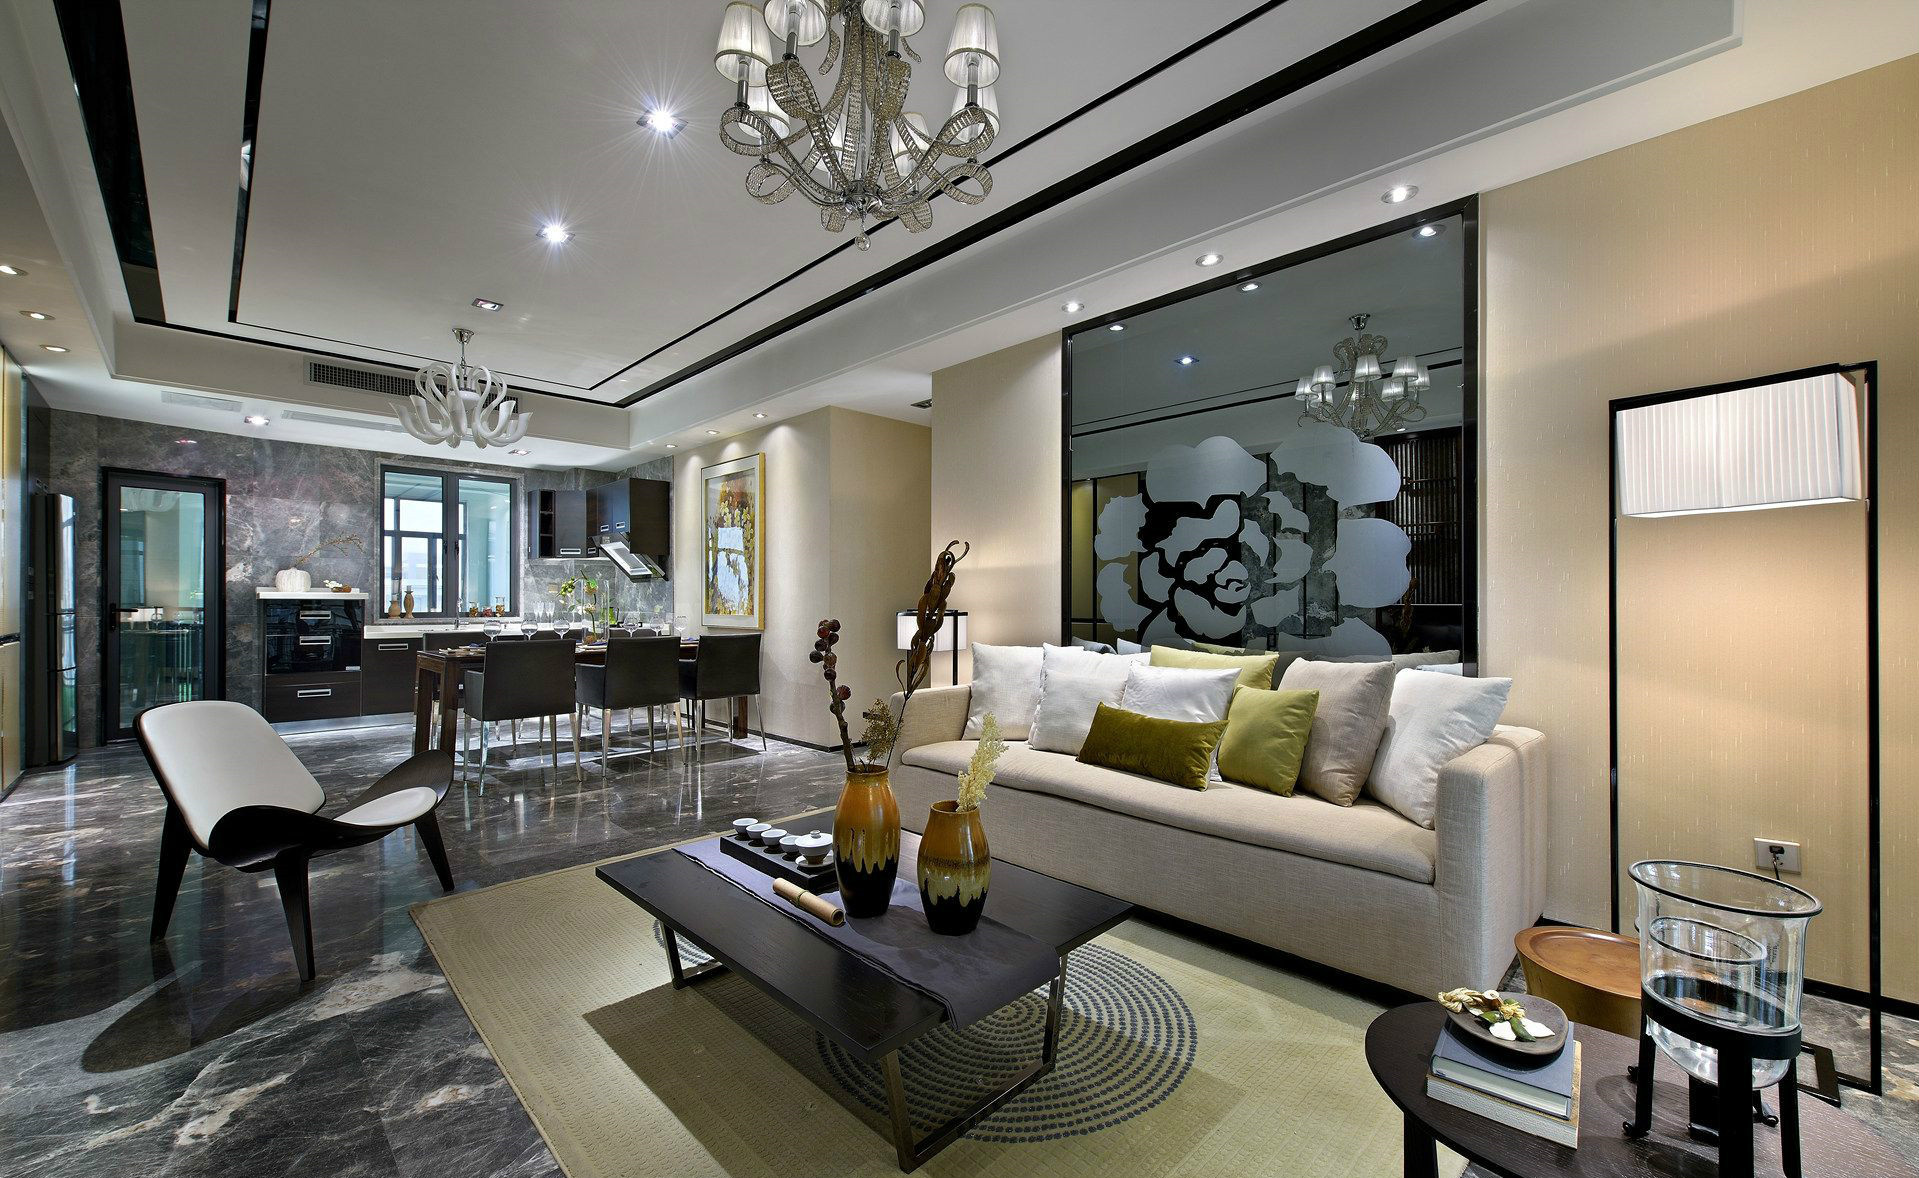 客厅空间主灯,通过多个嵌入天花的筒灯衬托,光线均匀显得更加的明亮大方有层次感